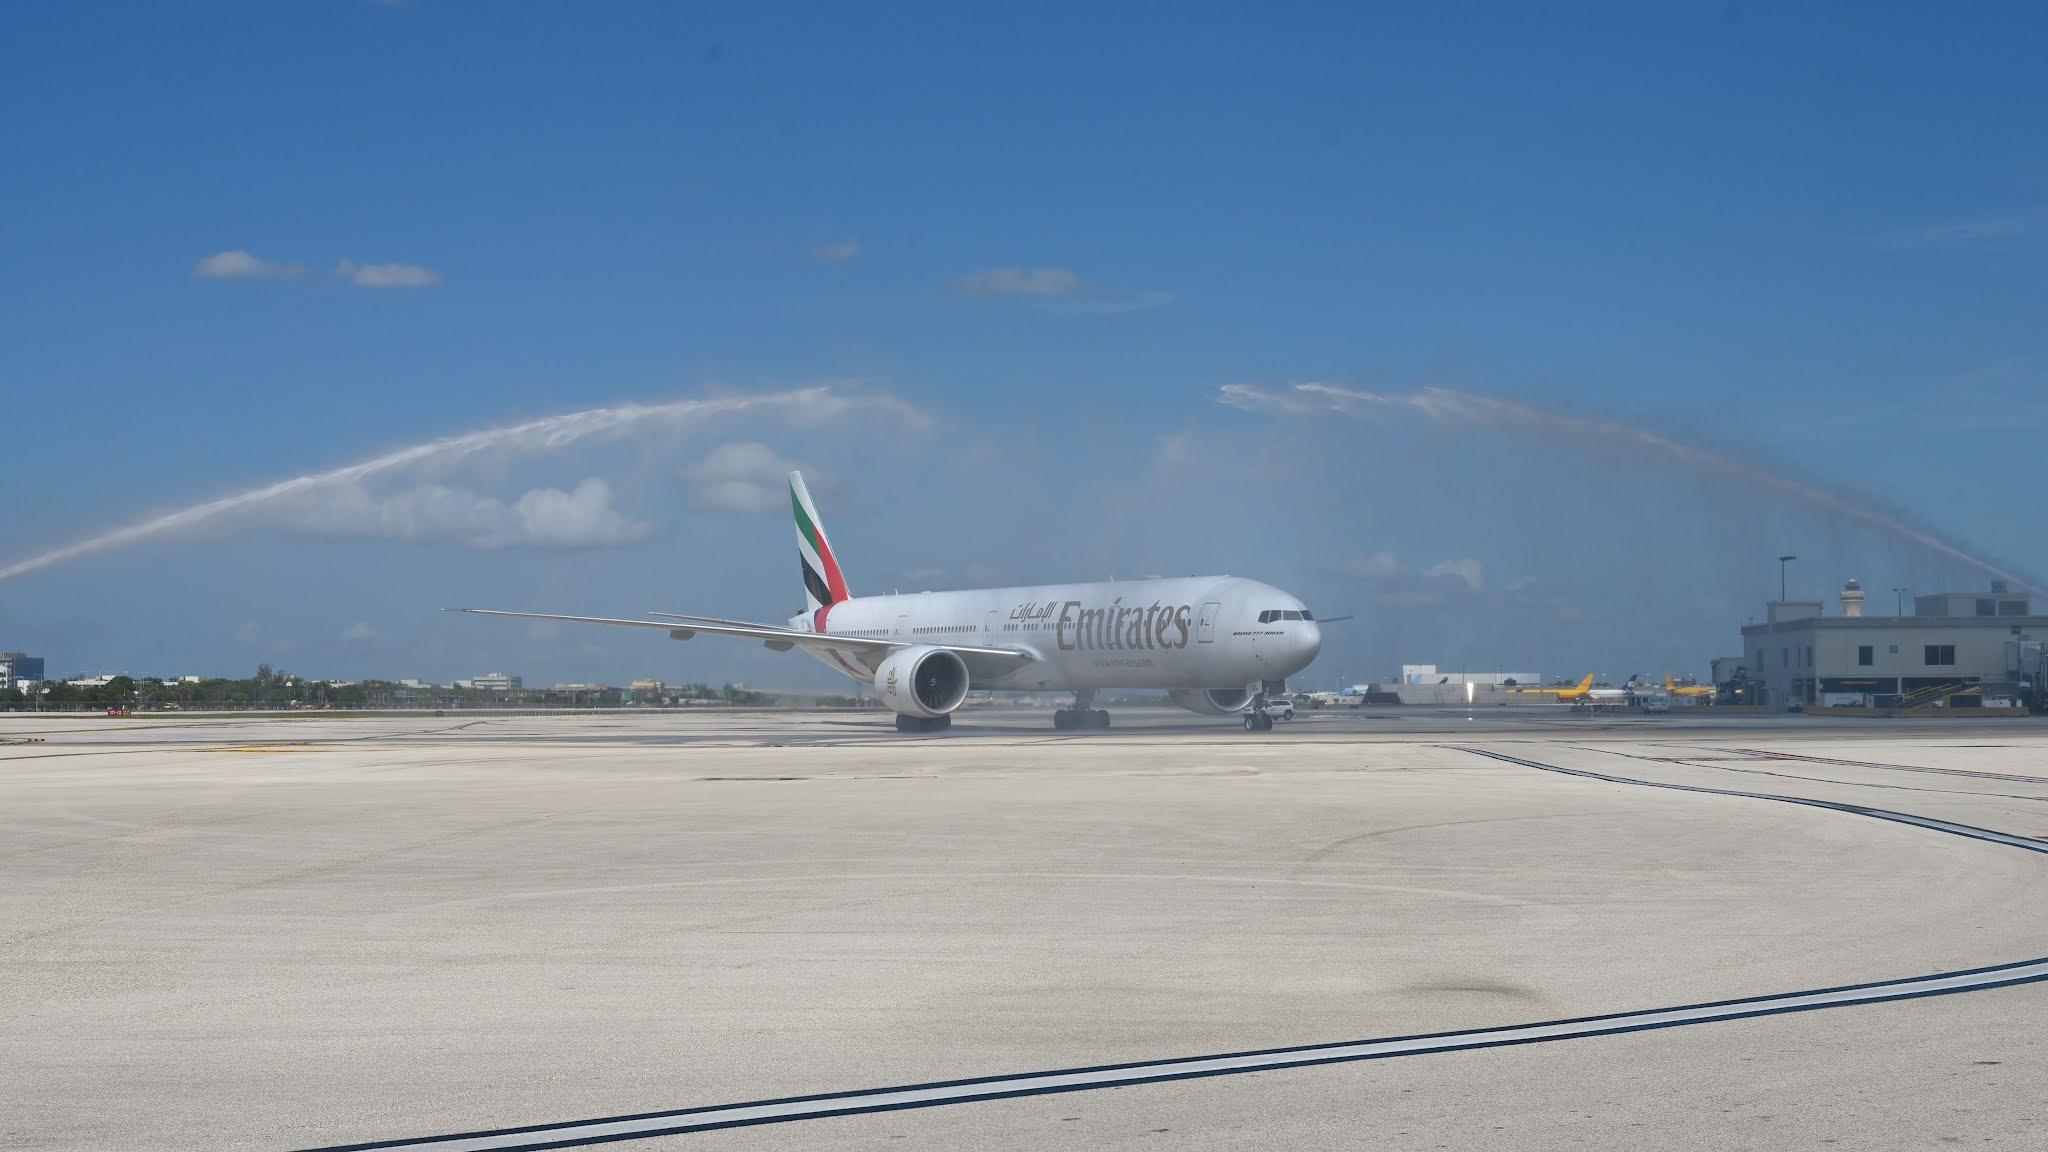 طيران الإمارات Emirates تعلن عن رحلاتها السياحية لمدينة ميامي